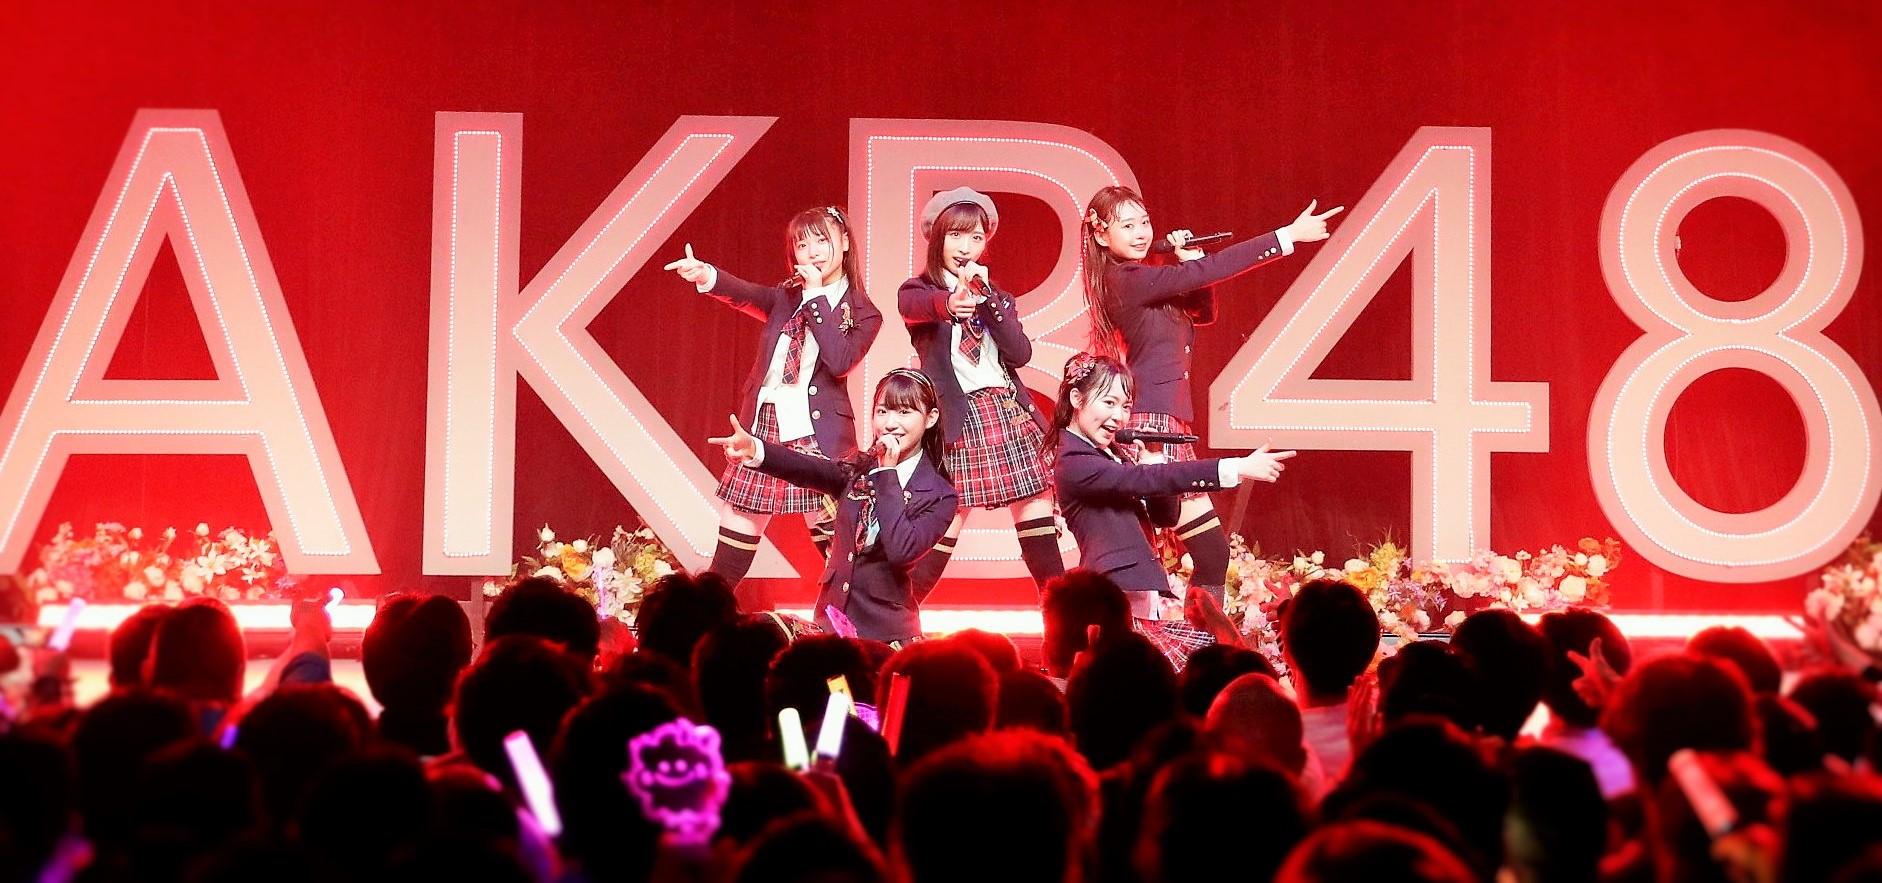 IxR(アイル)のライブの様子 (C) AKB48